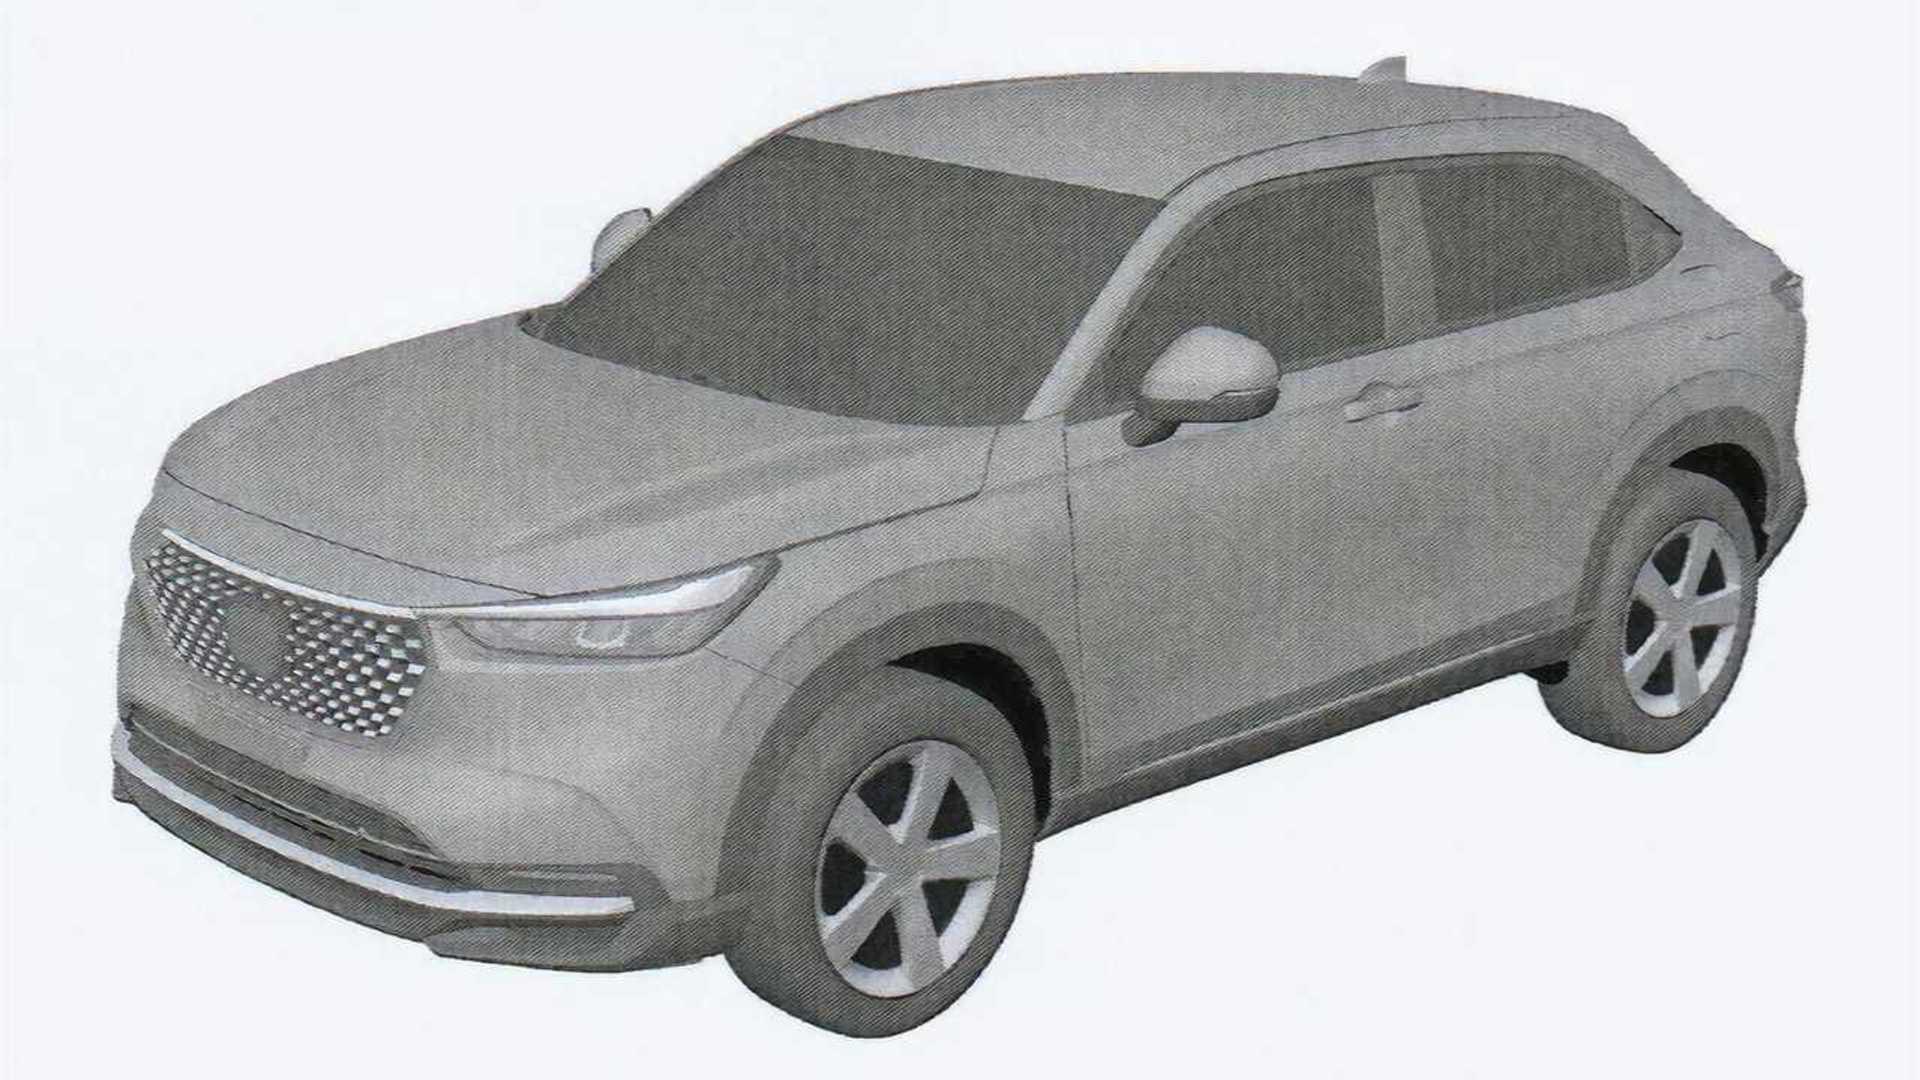 2022-honda-hr-v-possible-patent-image.jp